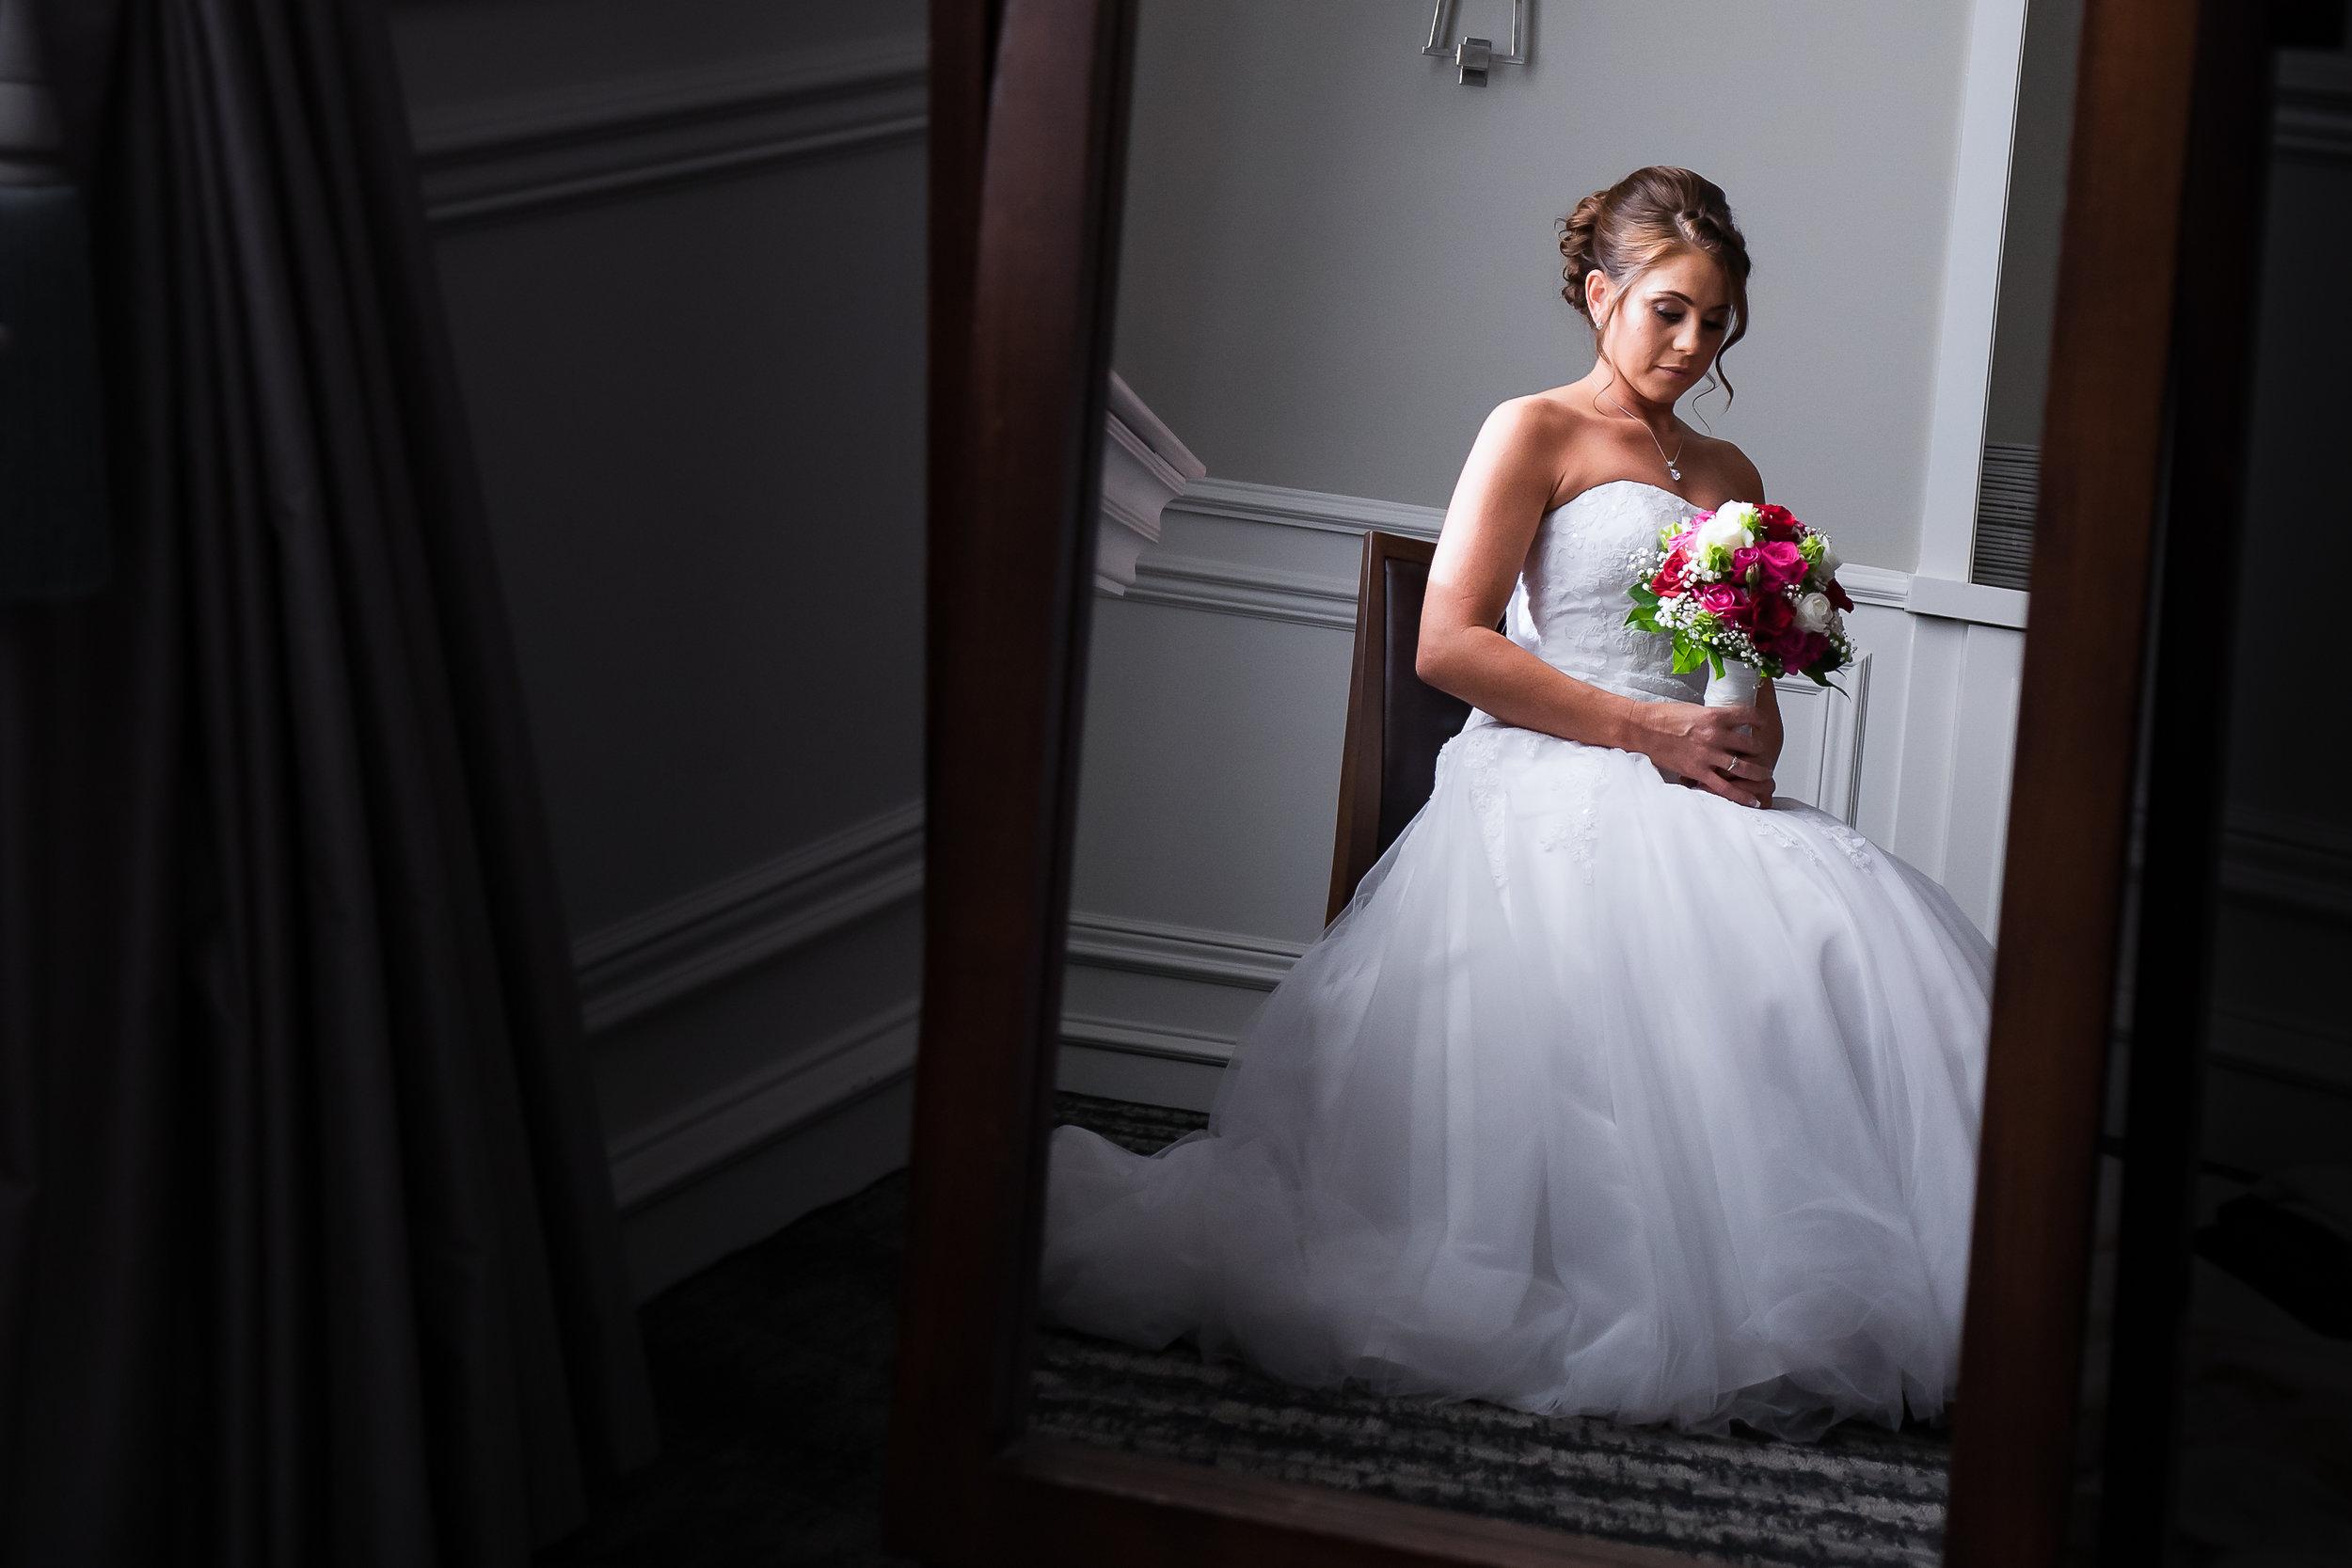 Santa Clarita, Los Angeles Area, California Weddings